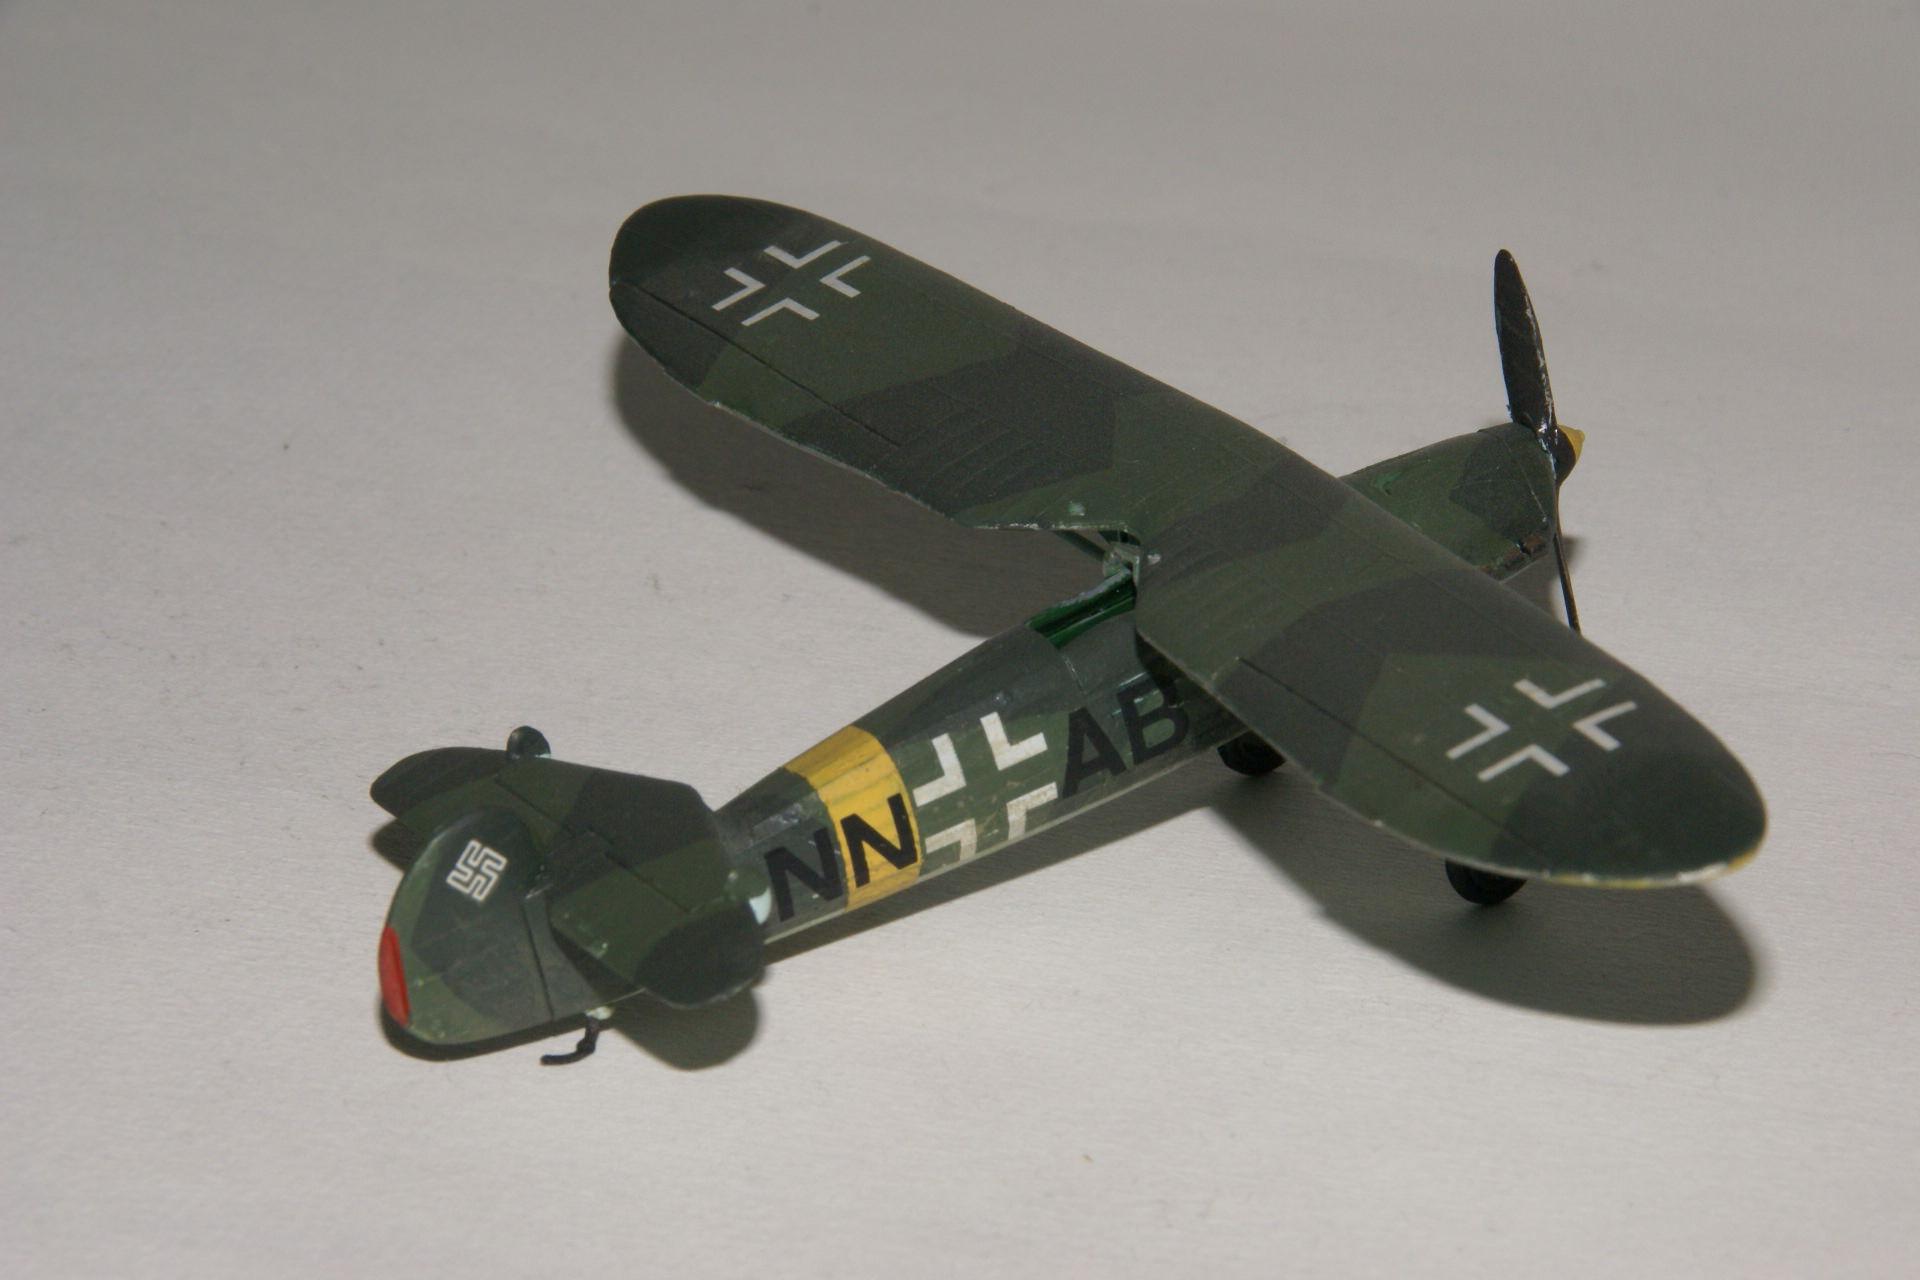 Focke wulf 56a 1 stosser 6